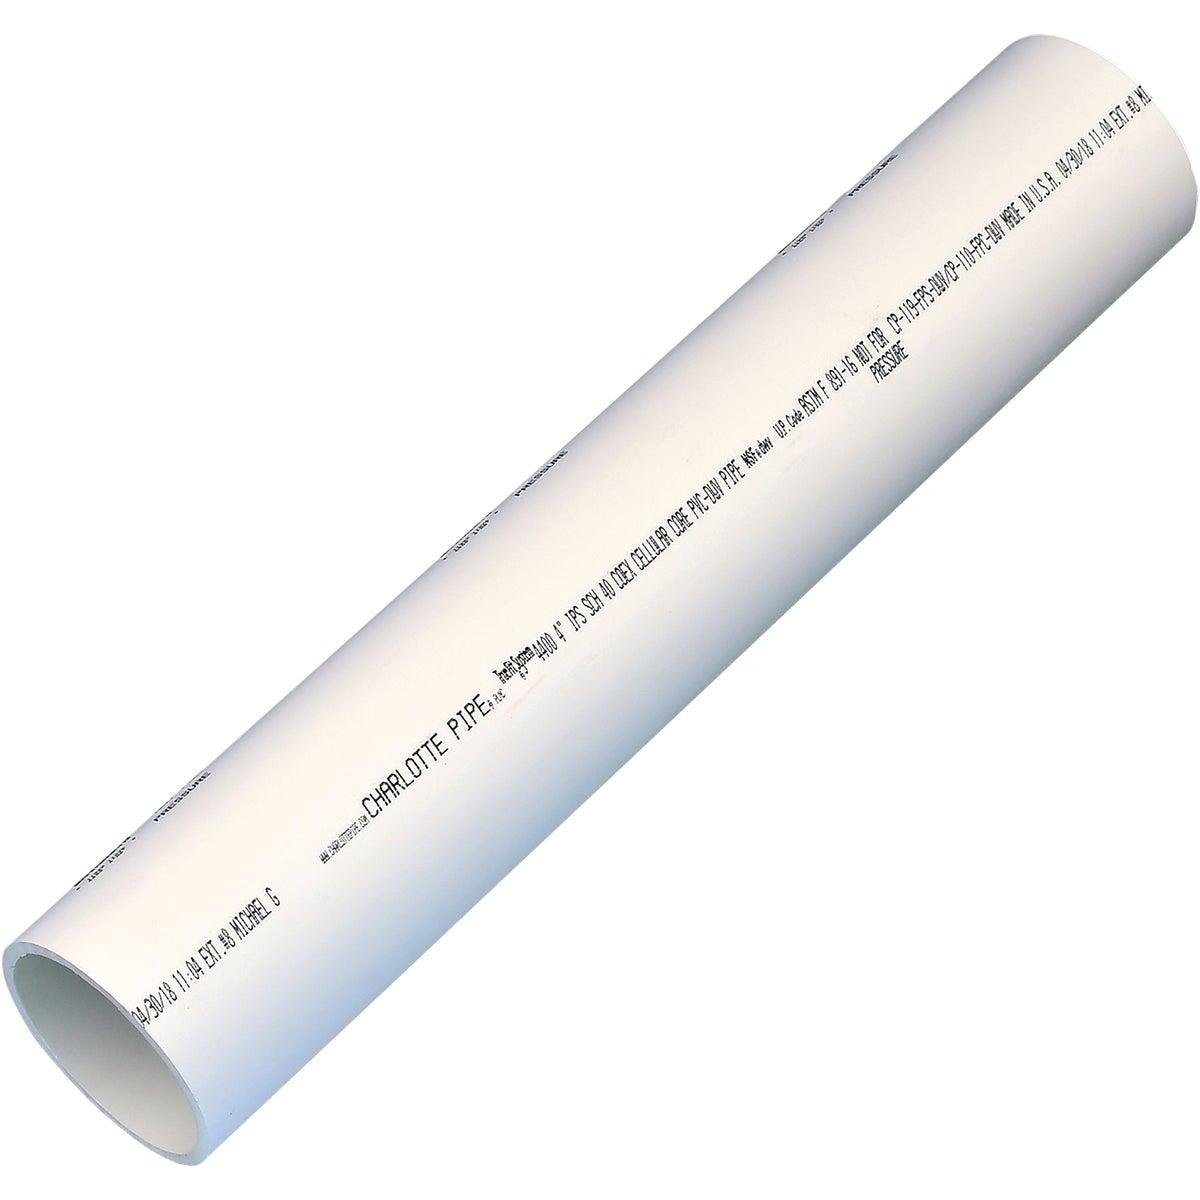 Genova 4X2 DWV CC PVC PIPE 700412F